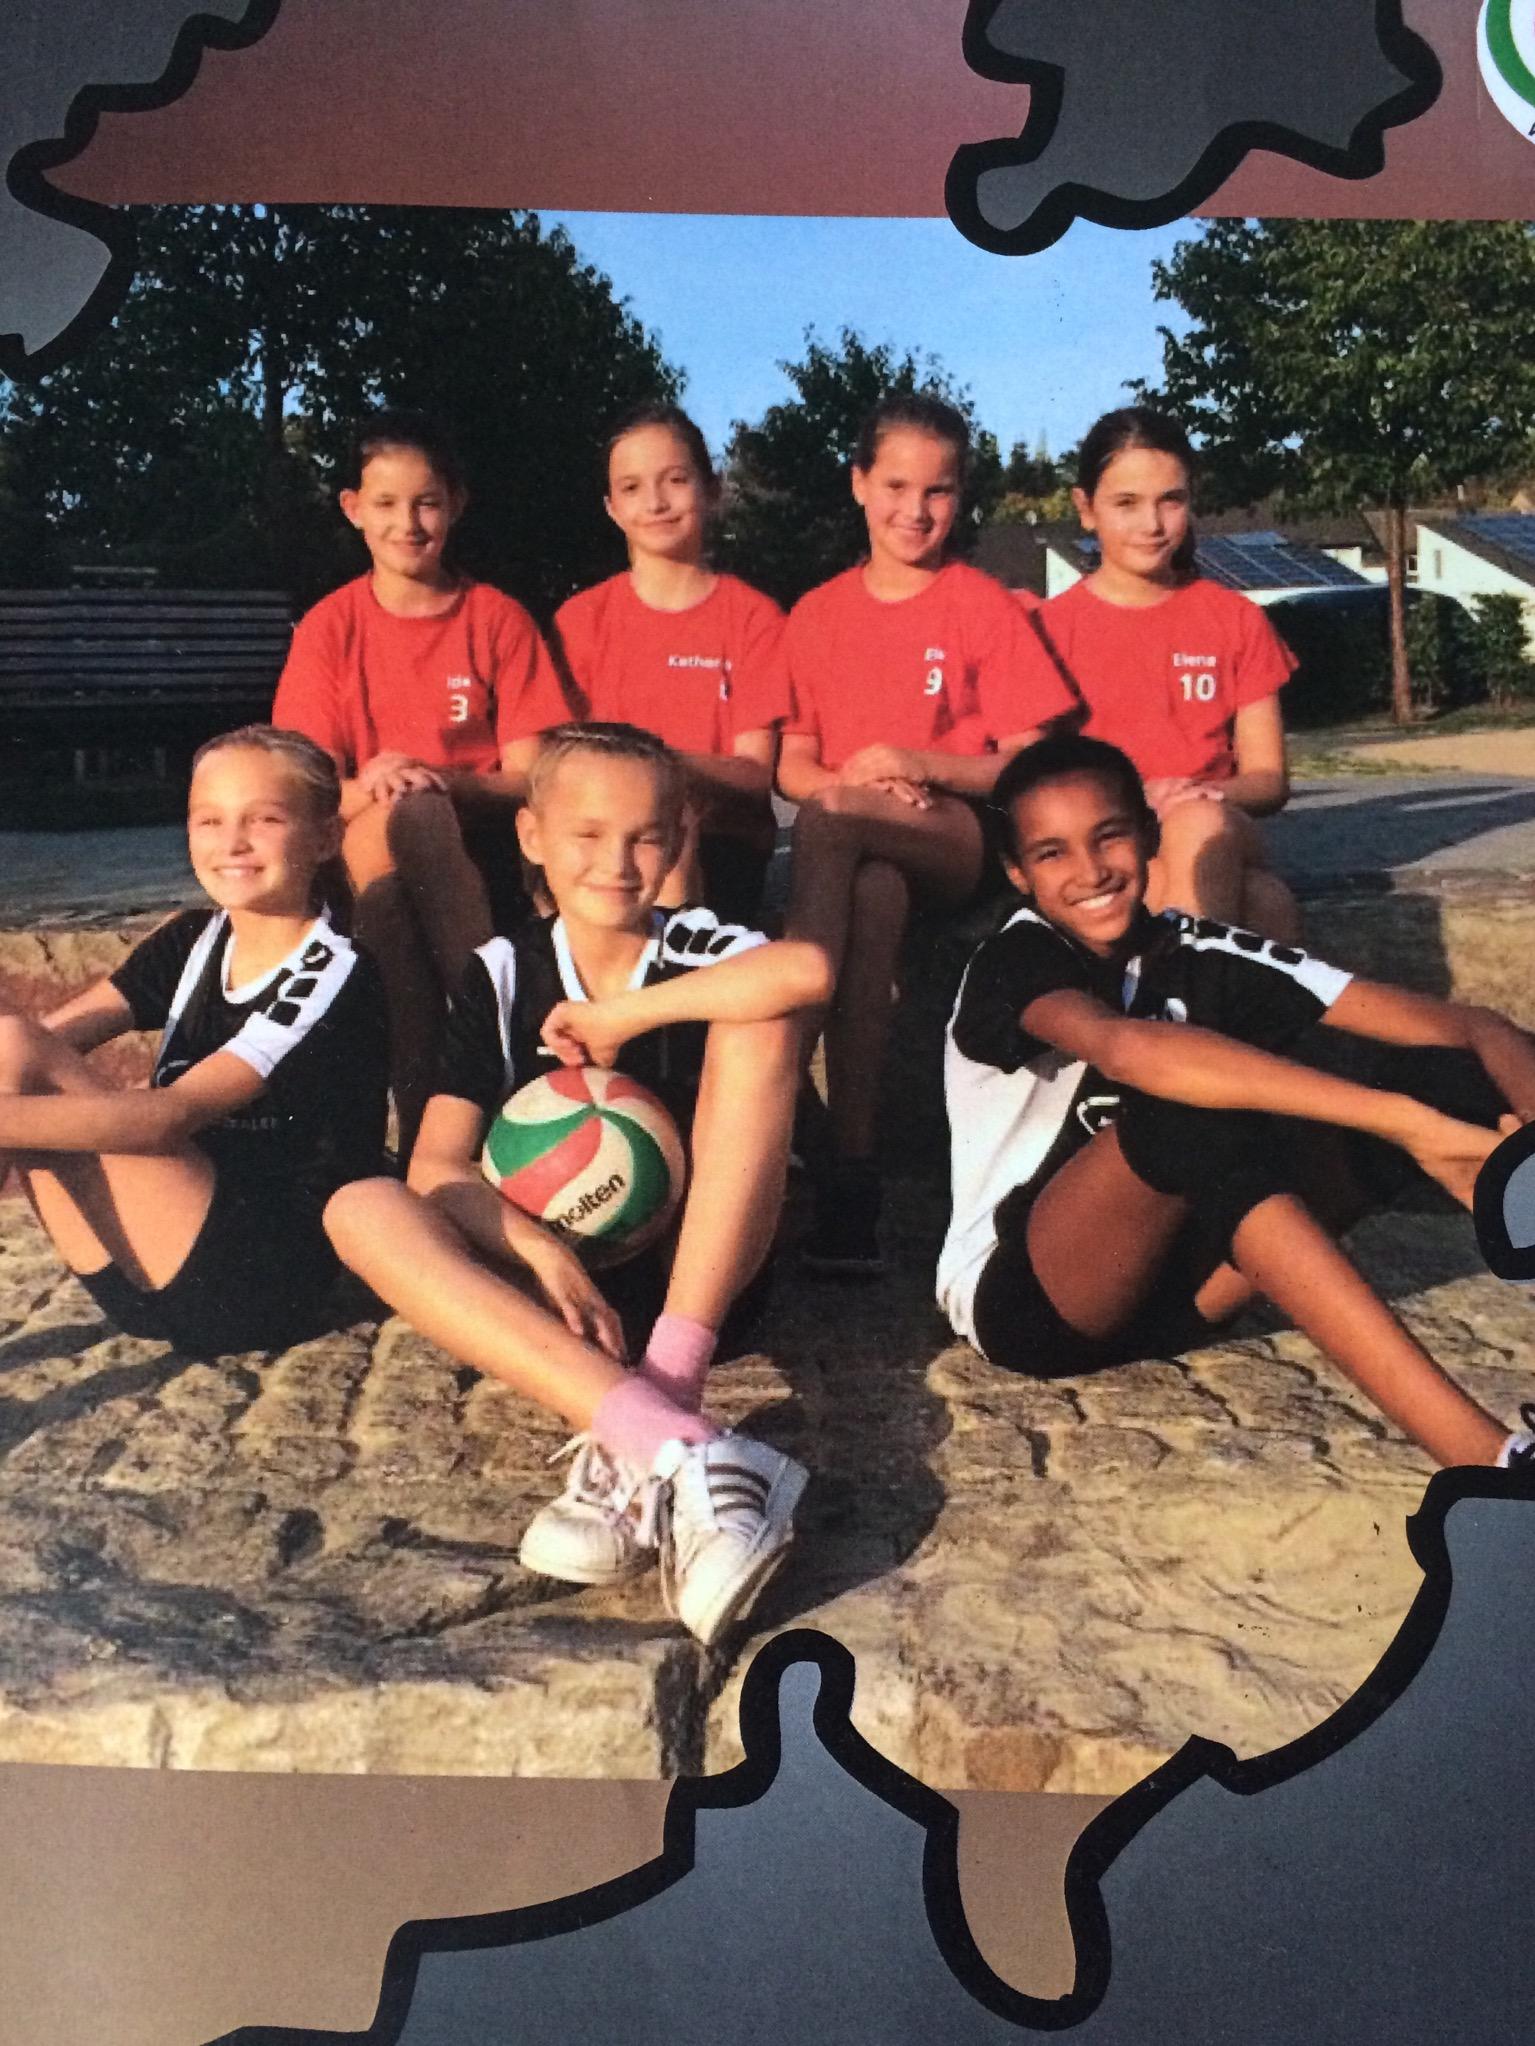 U12-Mädchen erreichen 4. Platz bei den Westdeutschen Meisterschaften